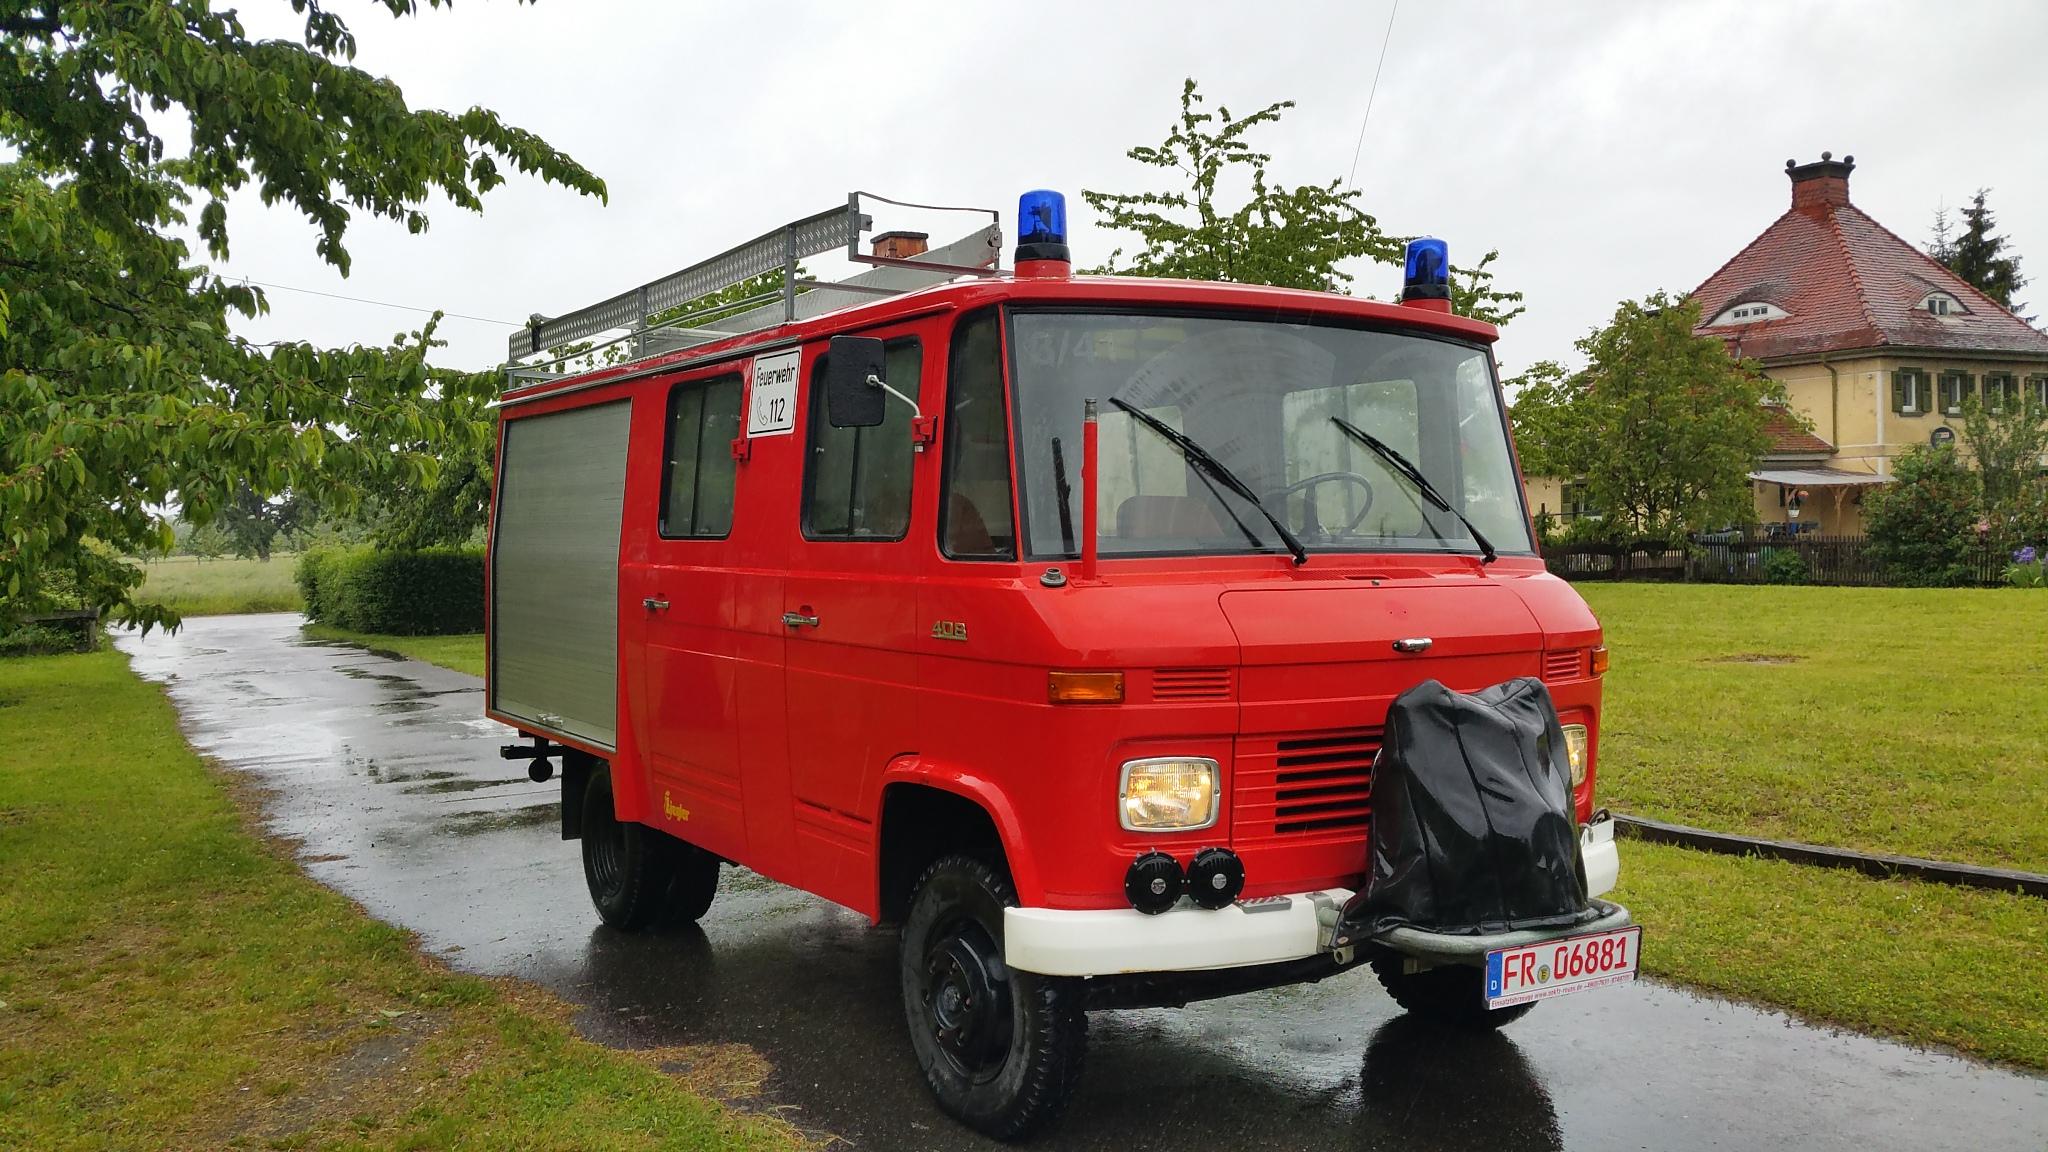 suche fahrzeuge mit brandschaden